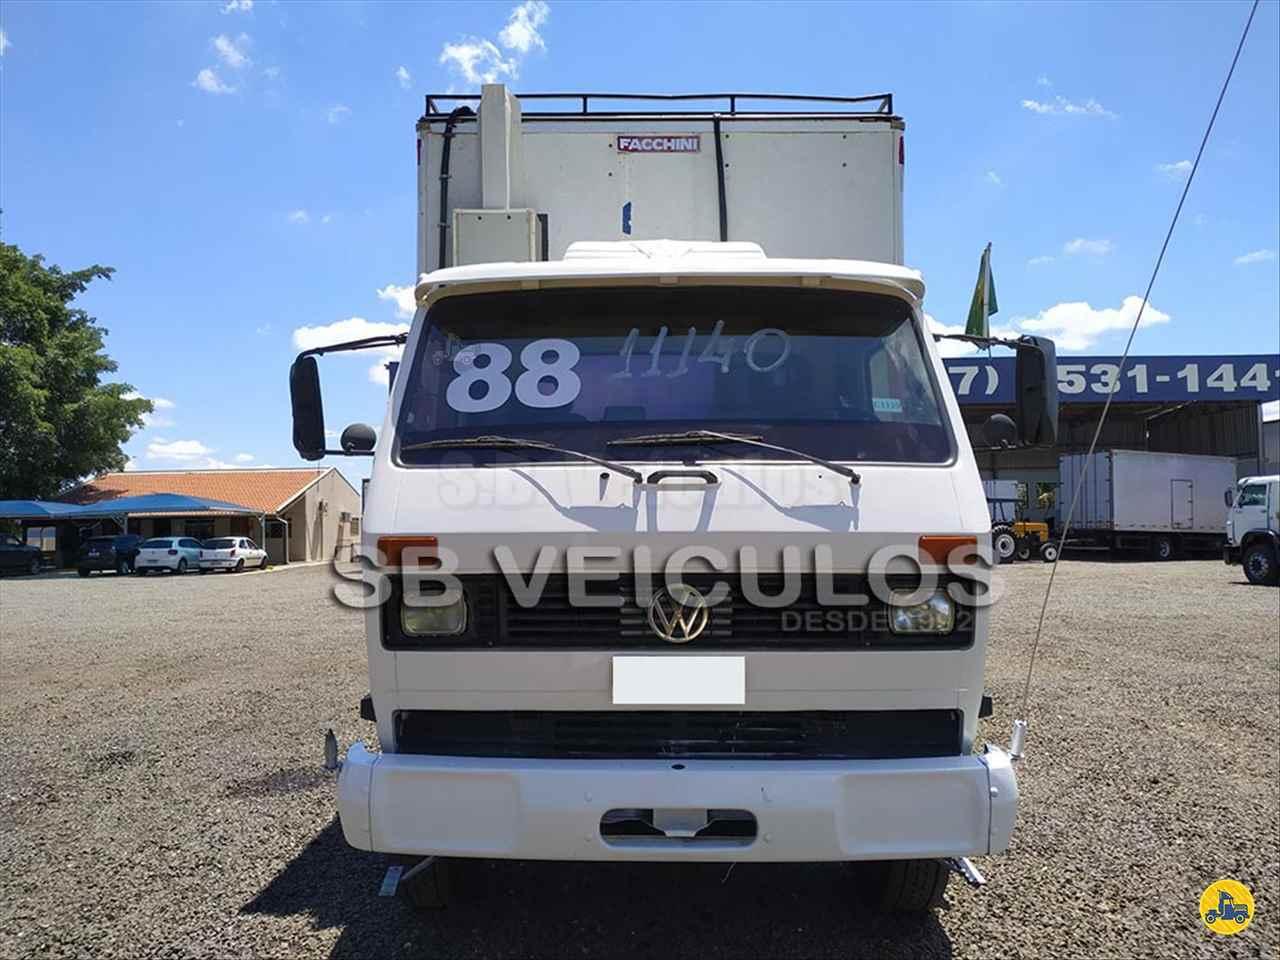 OUTROS MOTORHOME 849000km 1988/1988 SB Veiculos